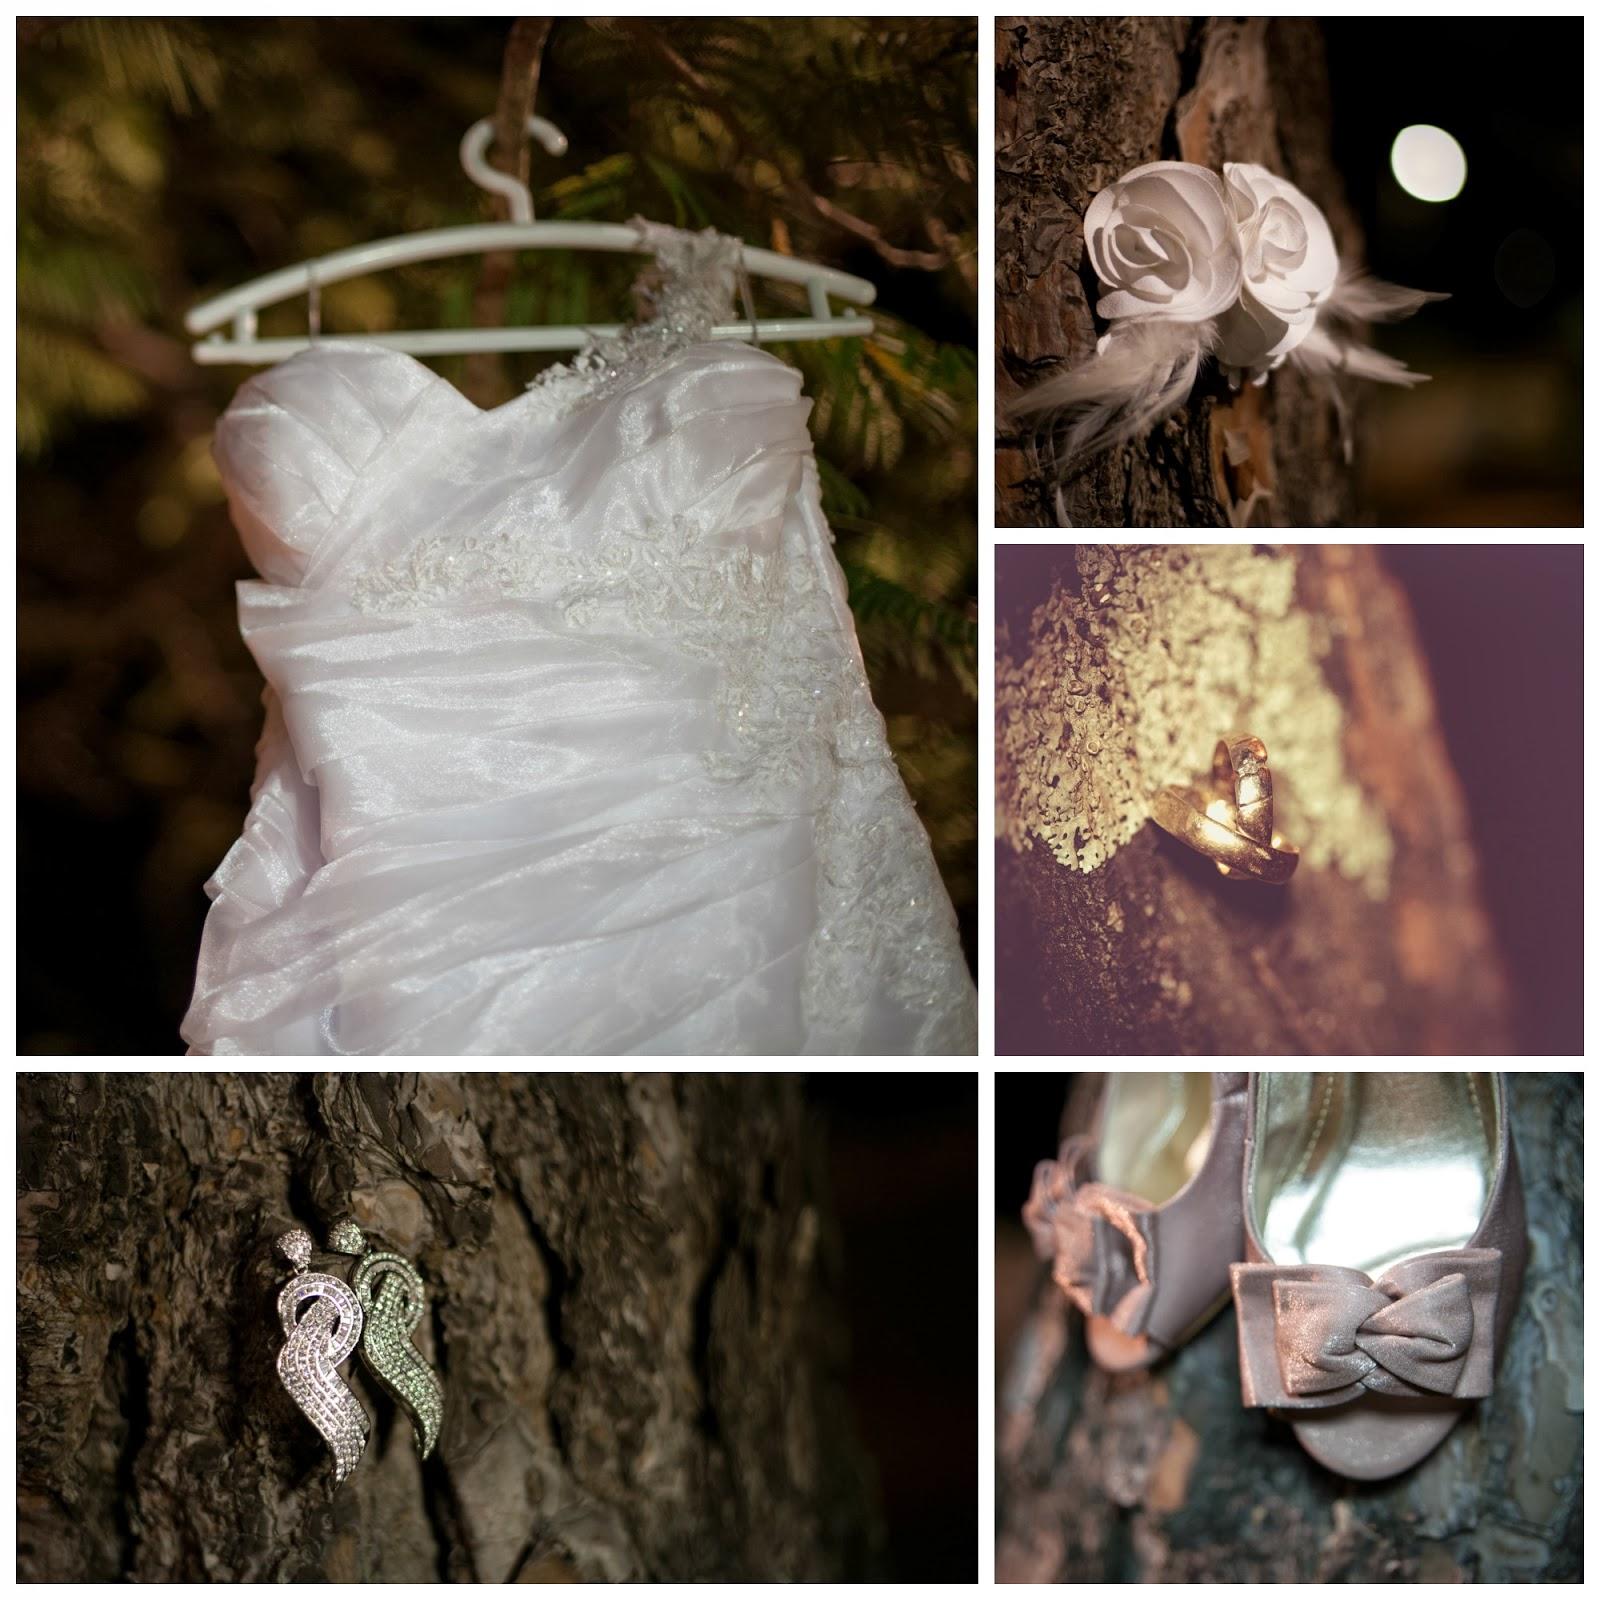 historia-amor-fe-making-of-noiva-vestido-sapato-acessorios